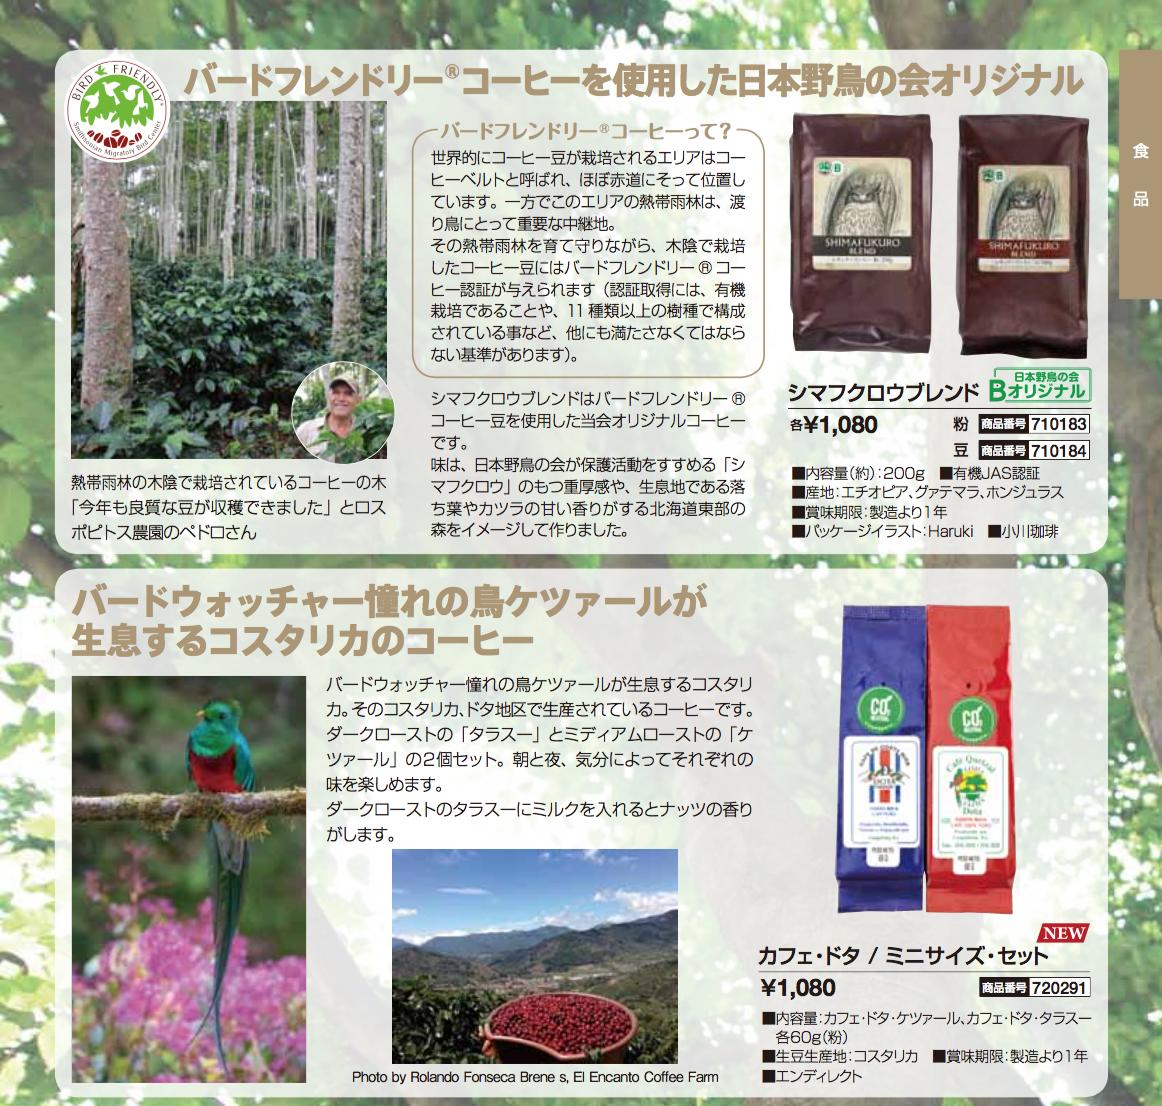 「日本野鳥の会」様の通販にカフェ・ドタが登場します!